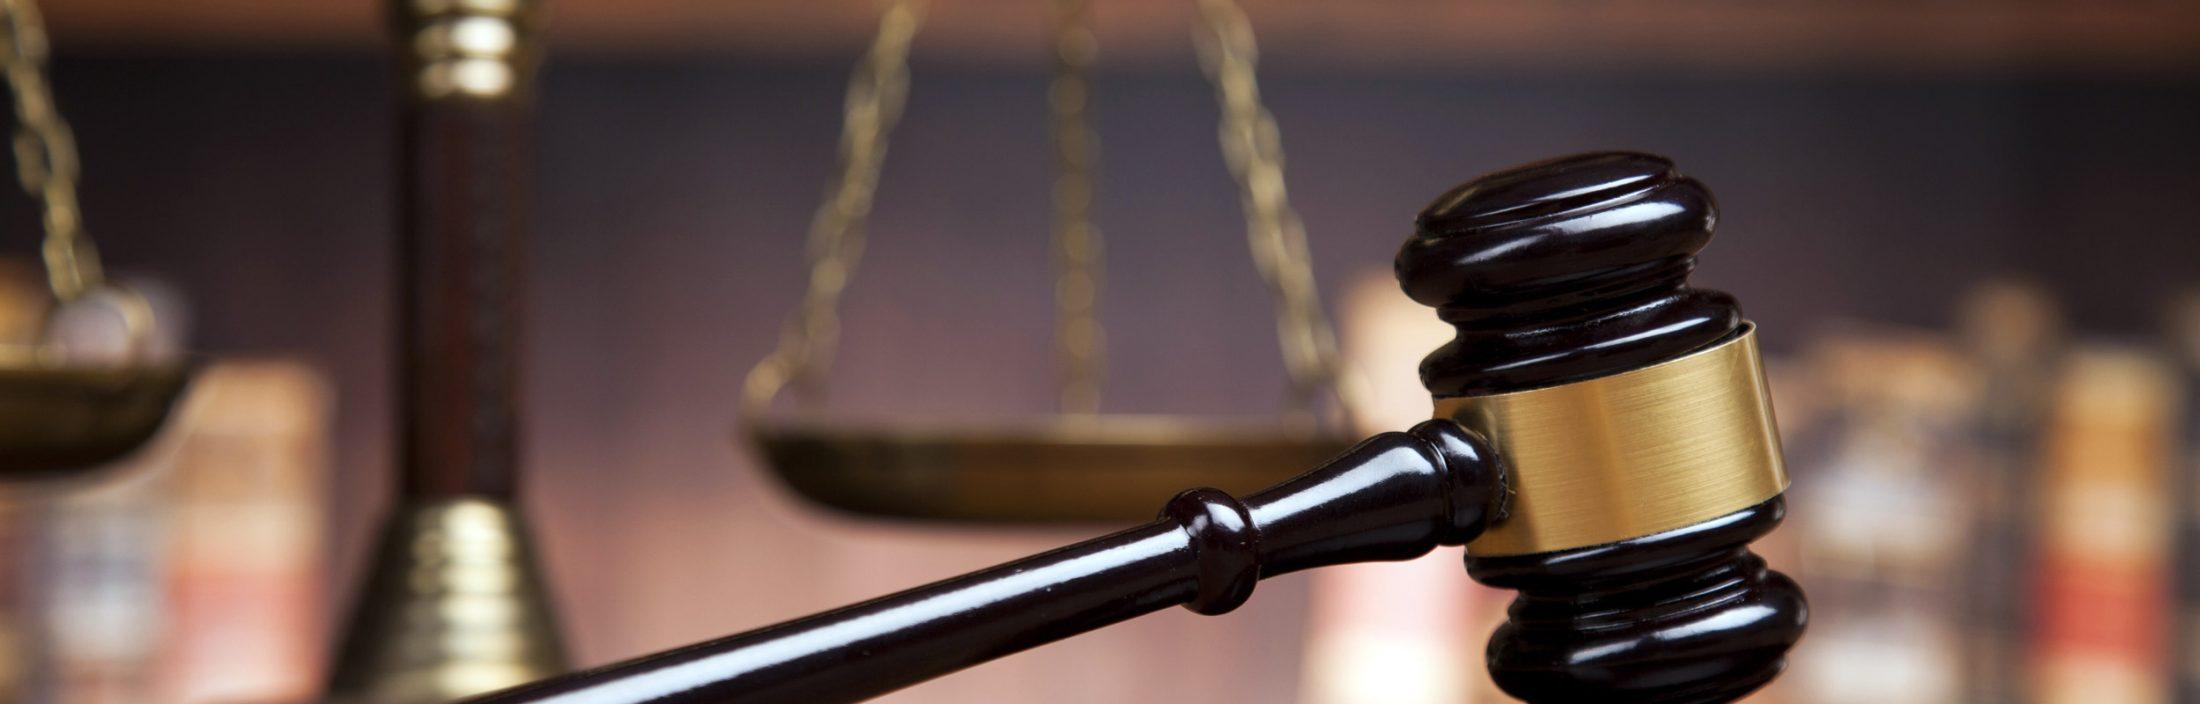 IP Litigation Attorney Header